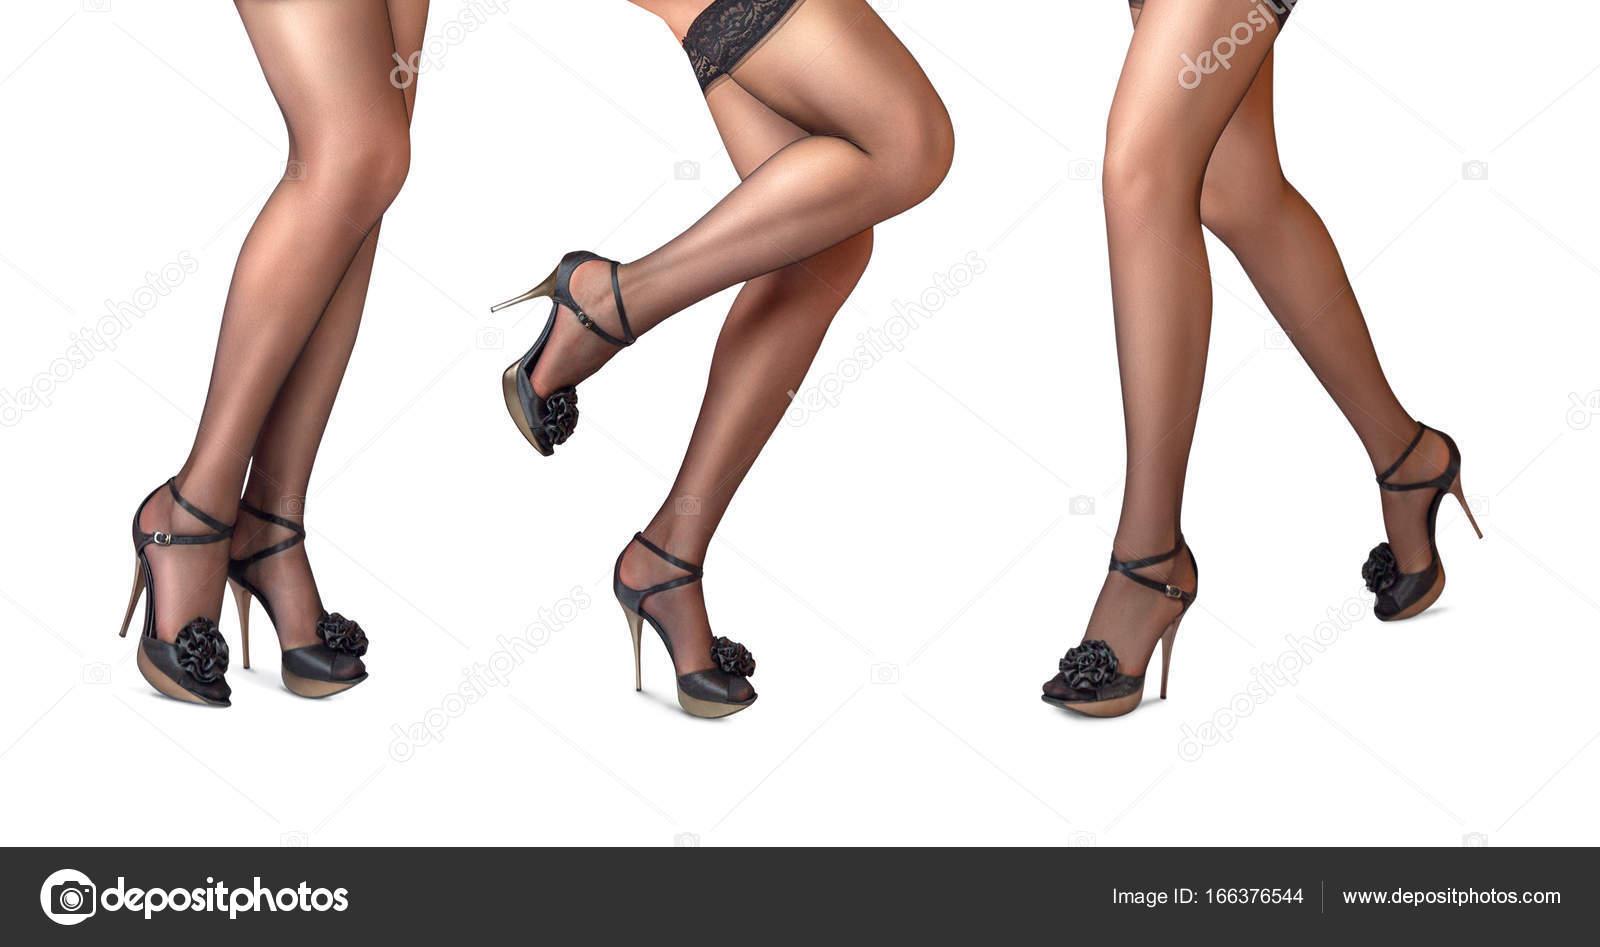 Сексуальные ножки на длинных каблуках